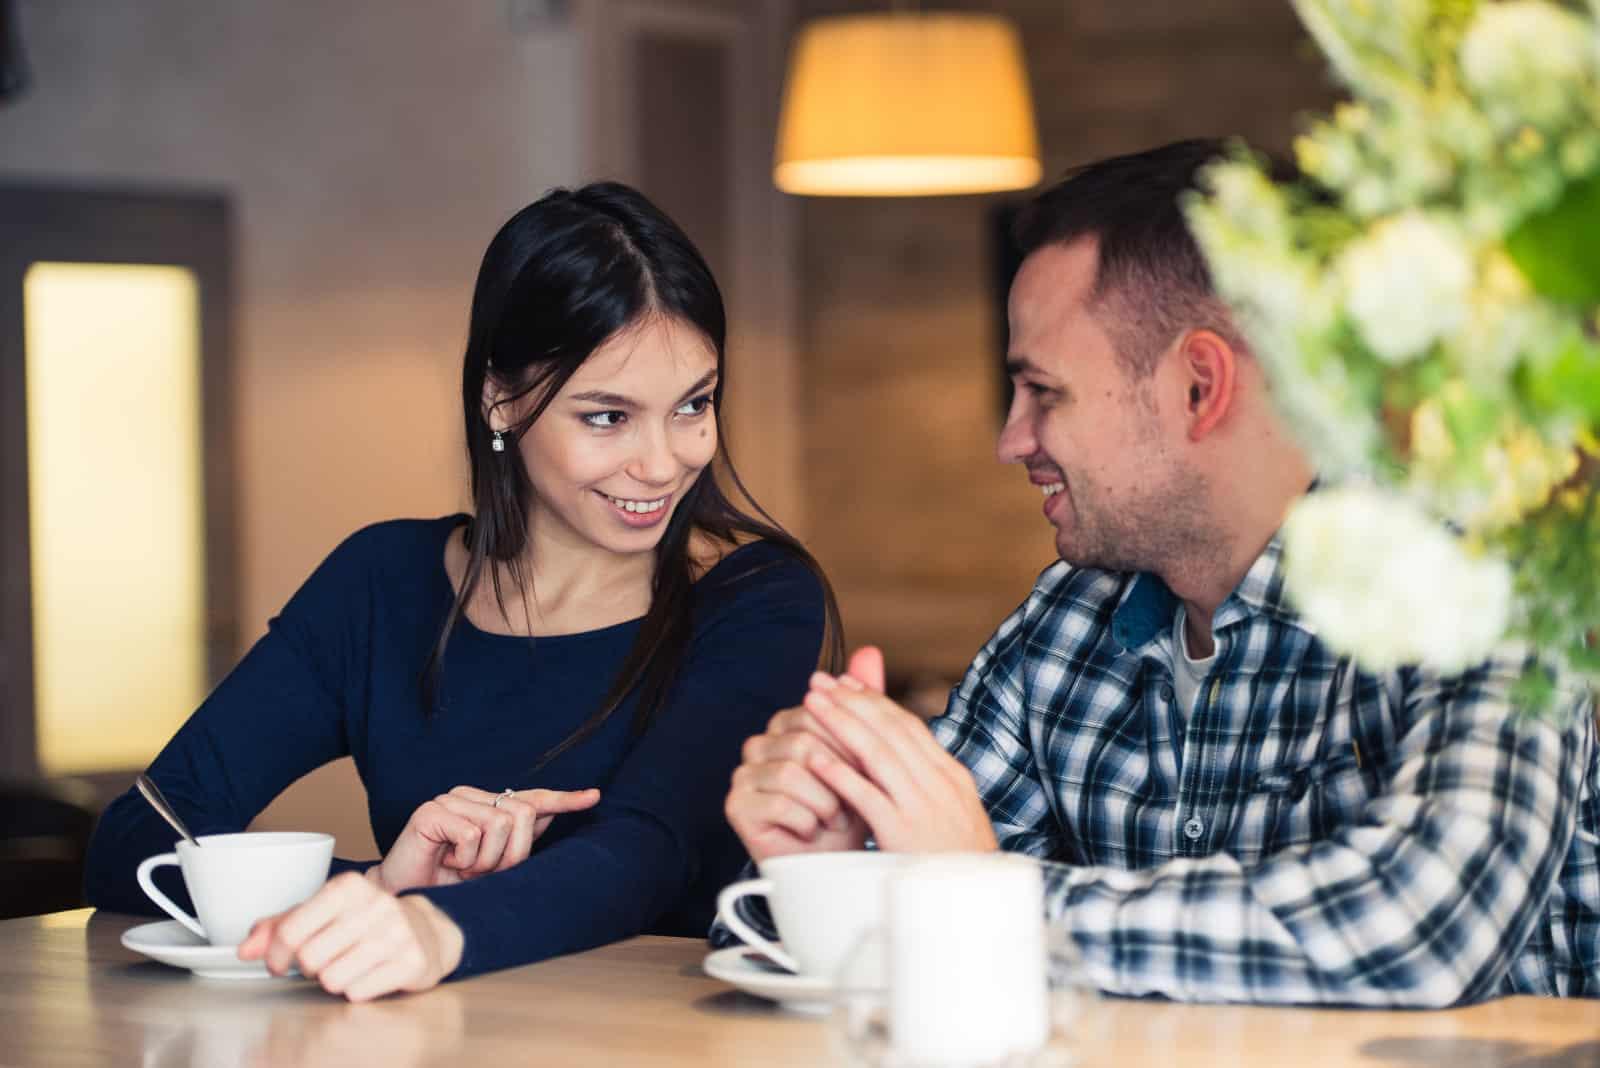 ein Mädchen, das mit einer Arbeitskollegin in einer Cafeteria spricht